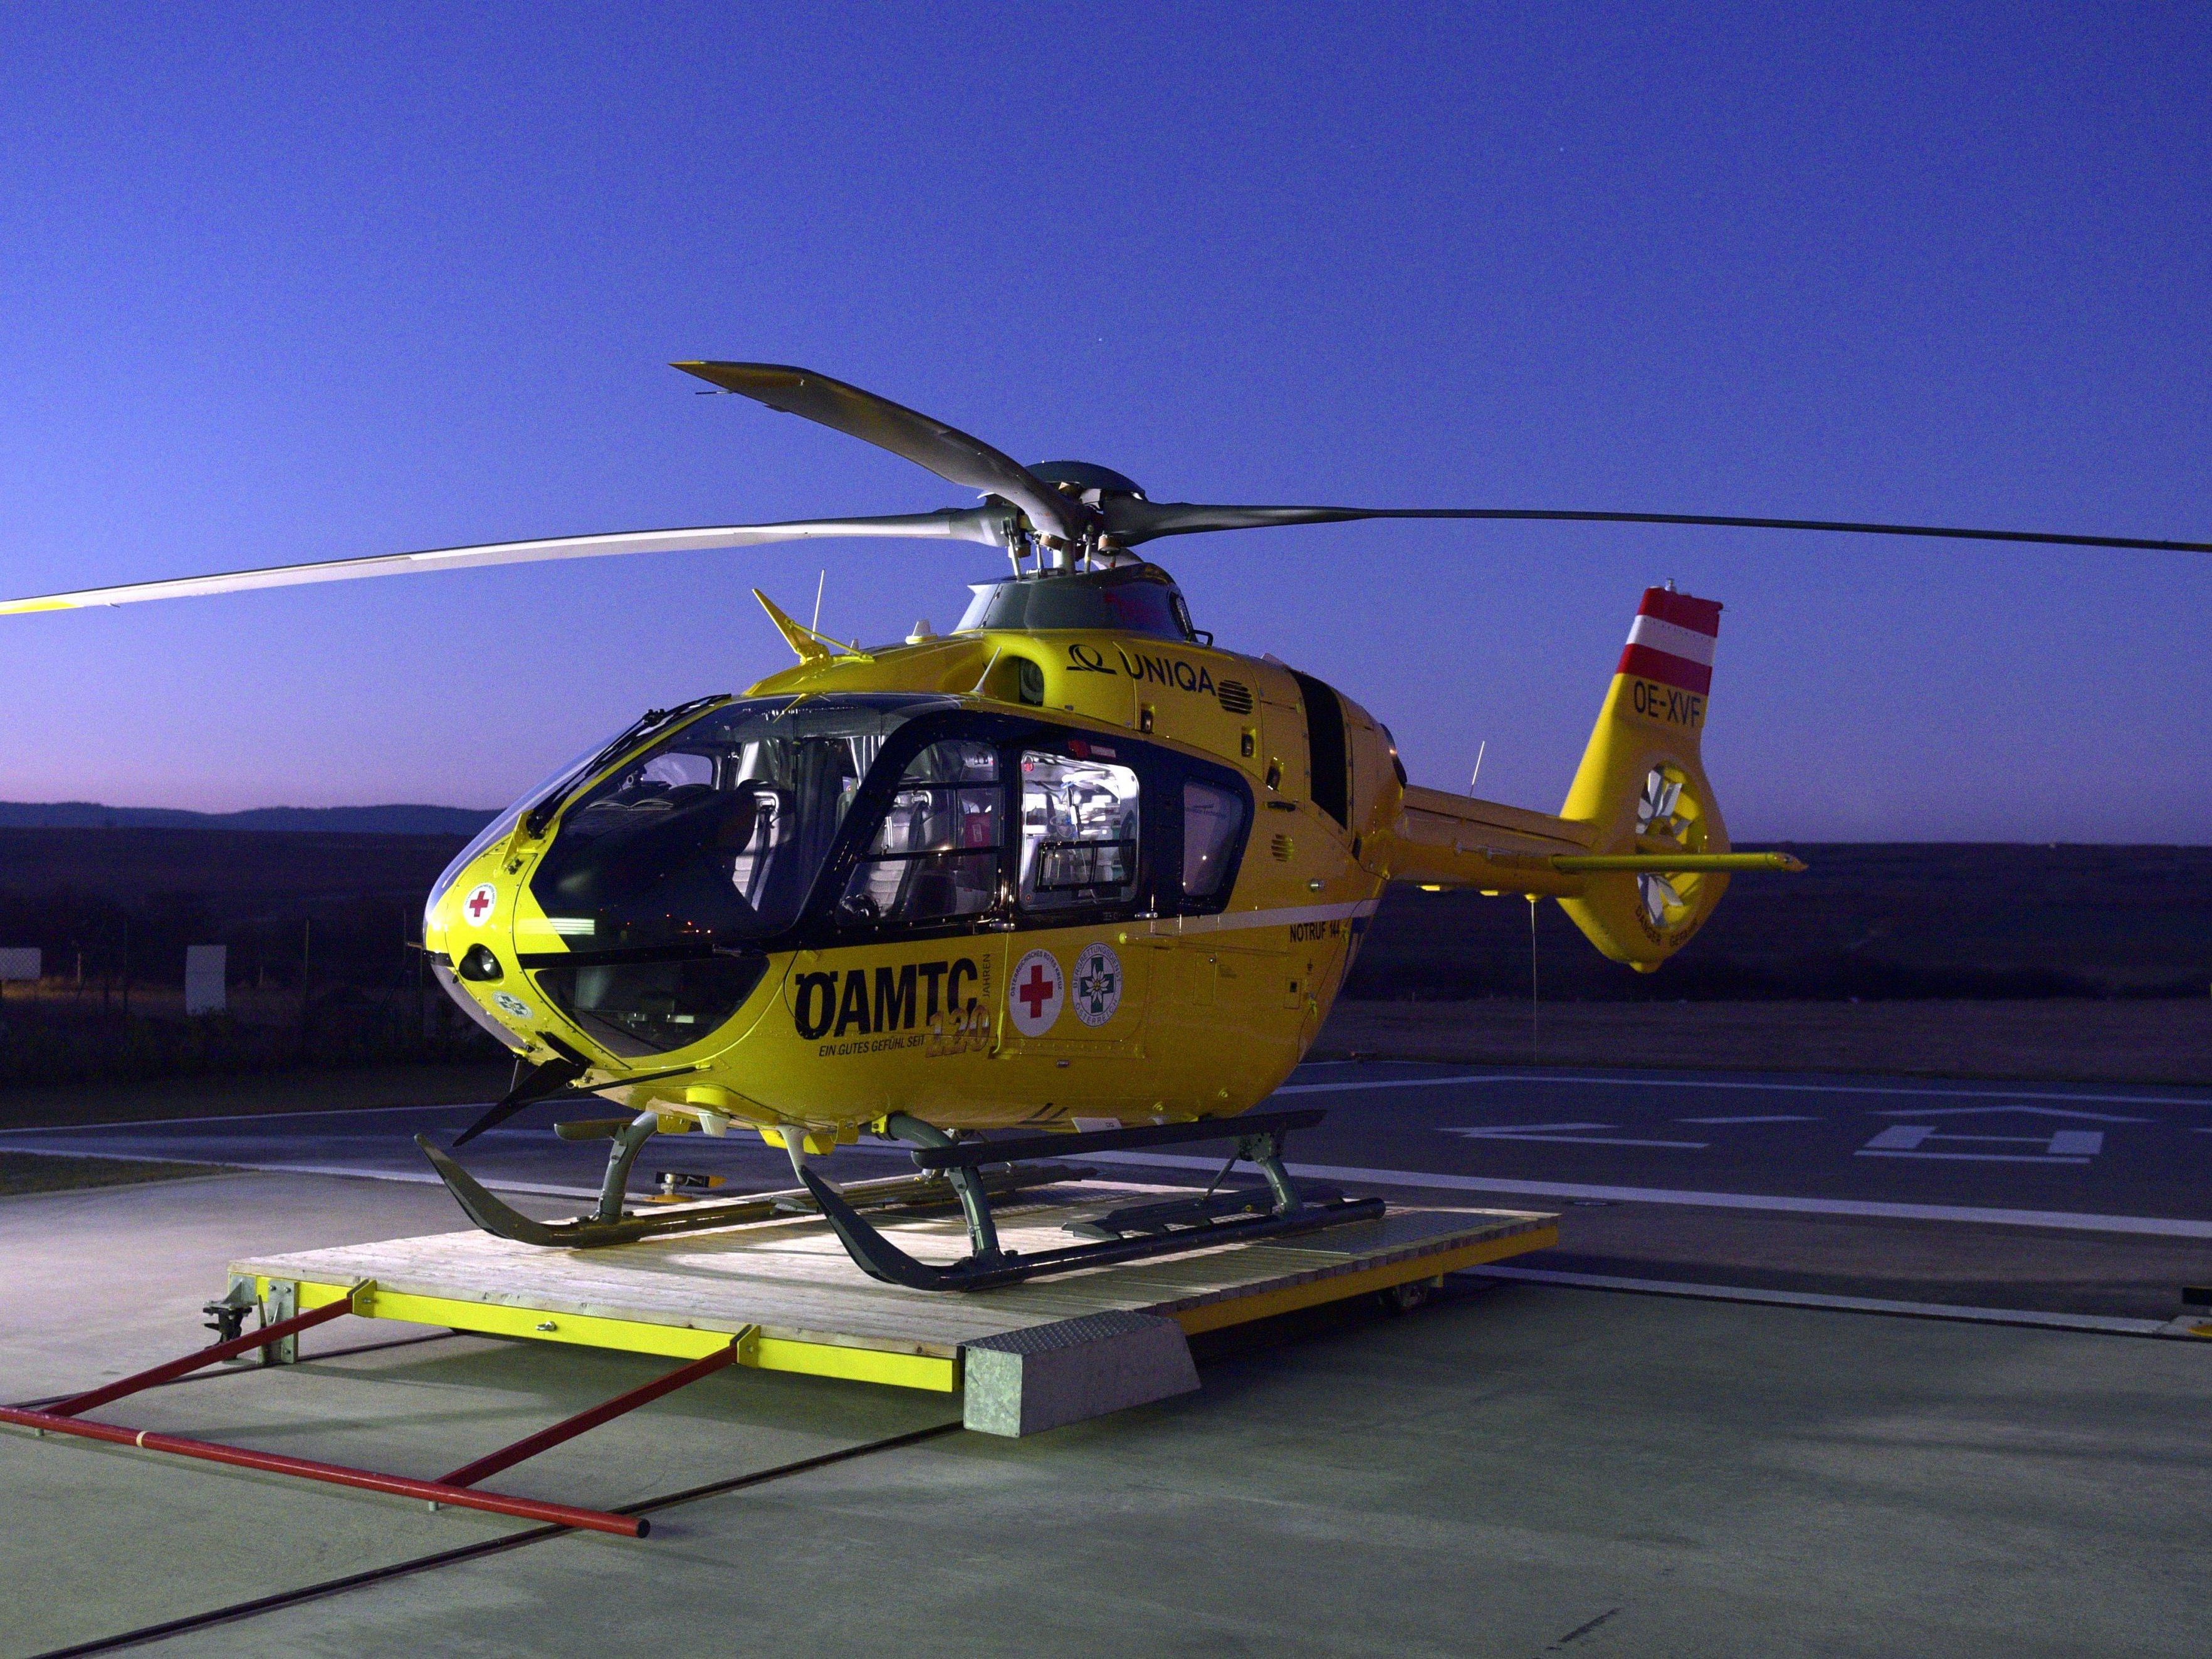 Die Schwerverletzte wurde in ein Spital geflogen.